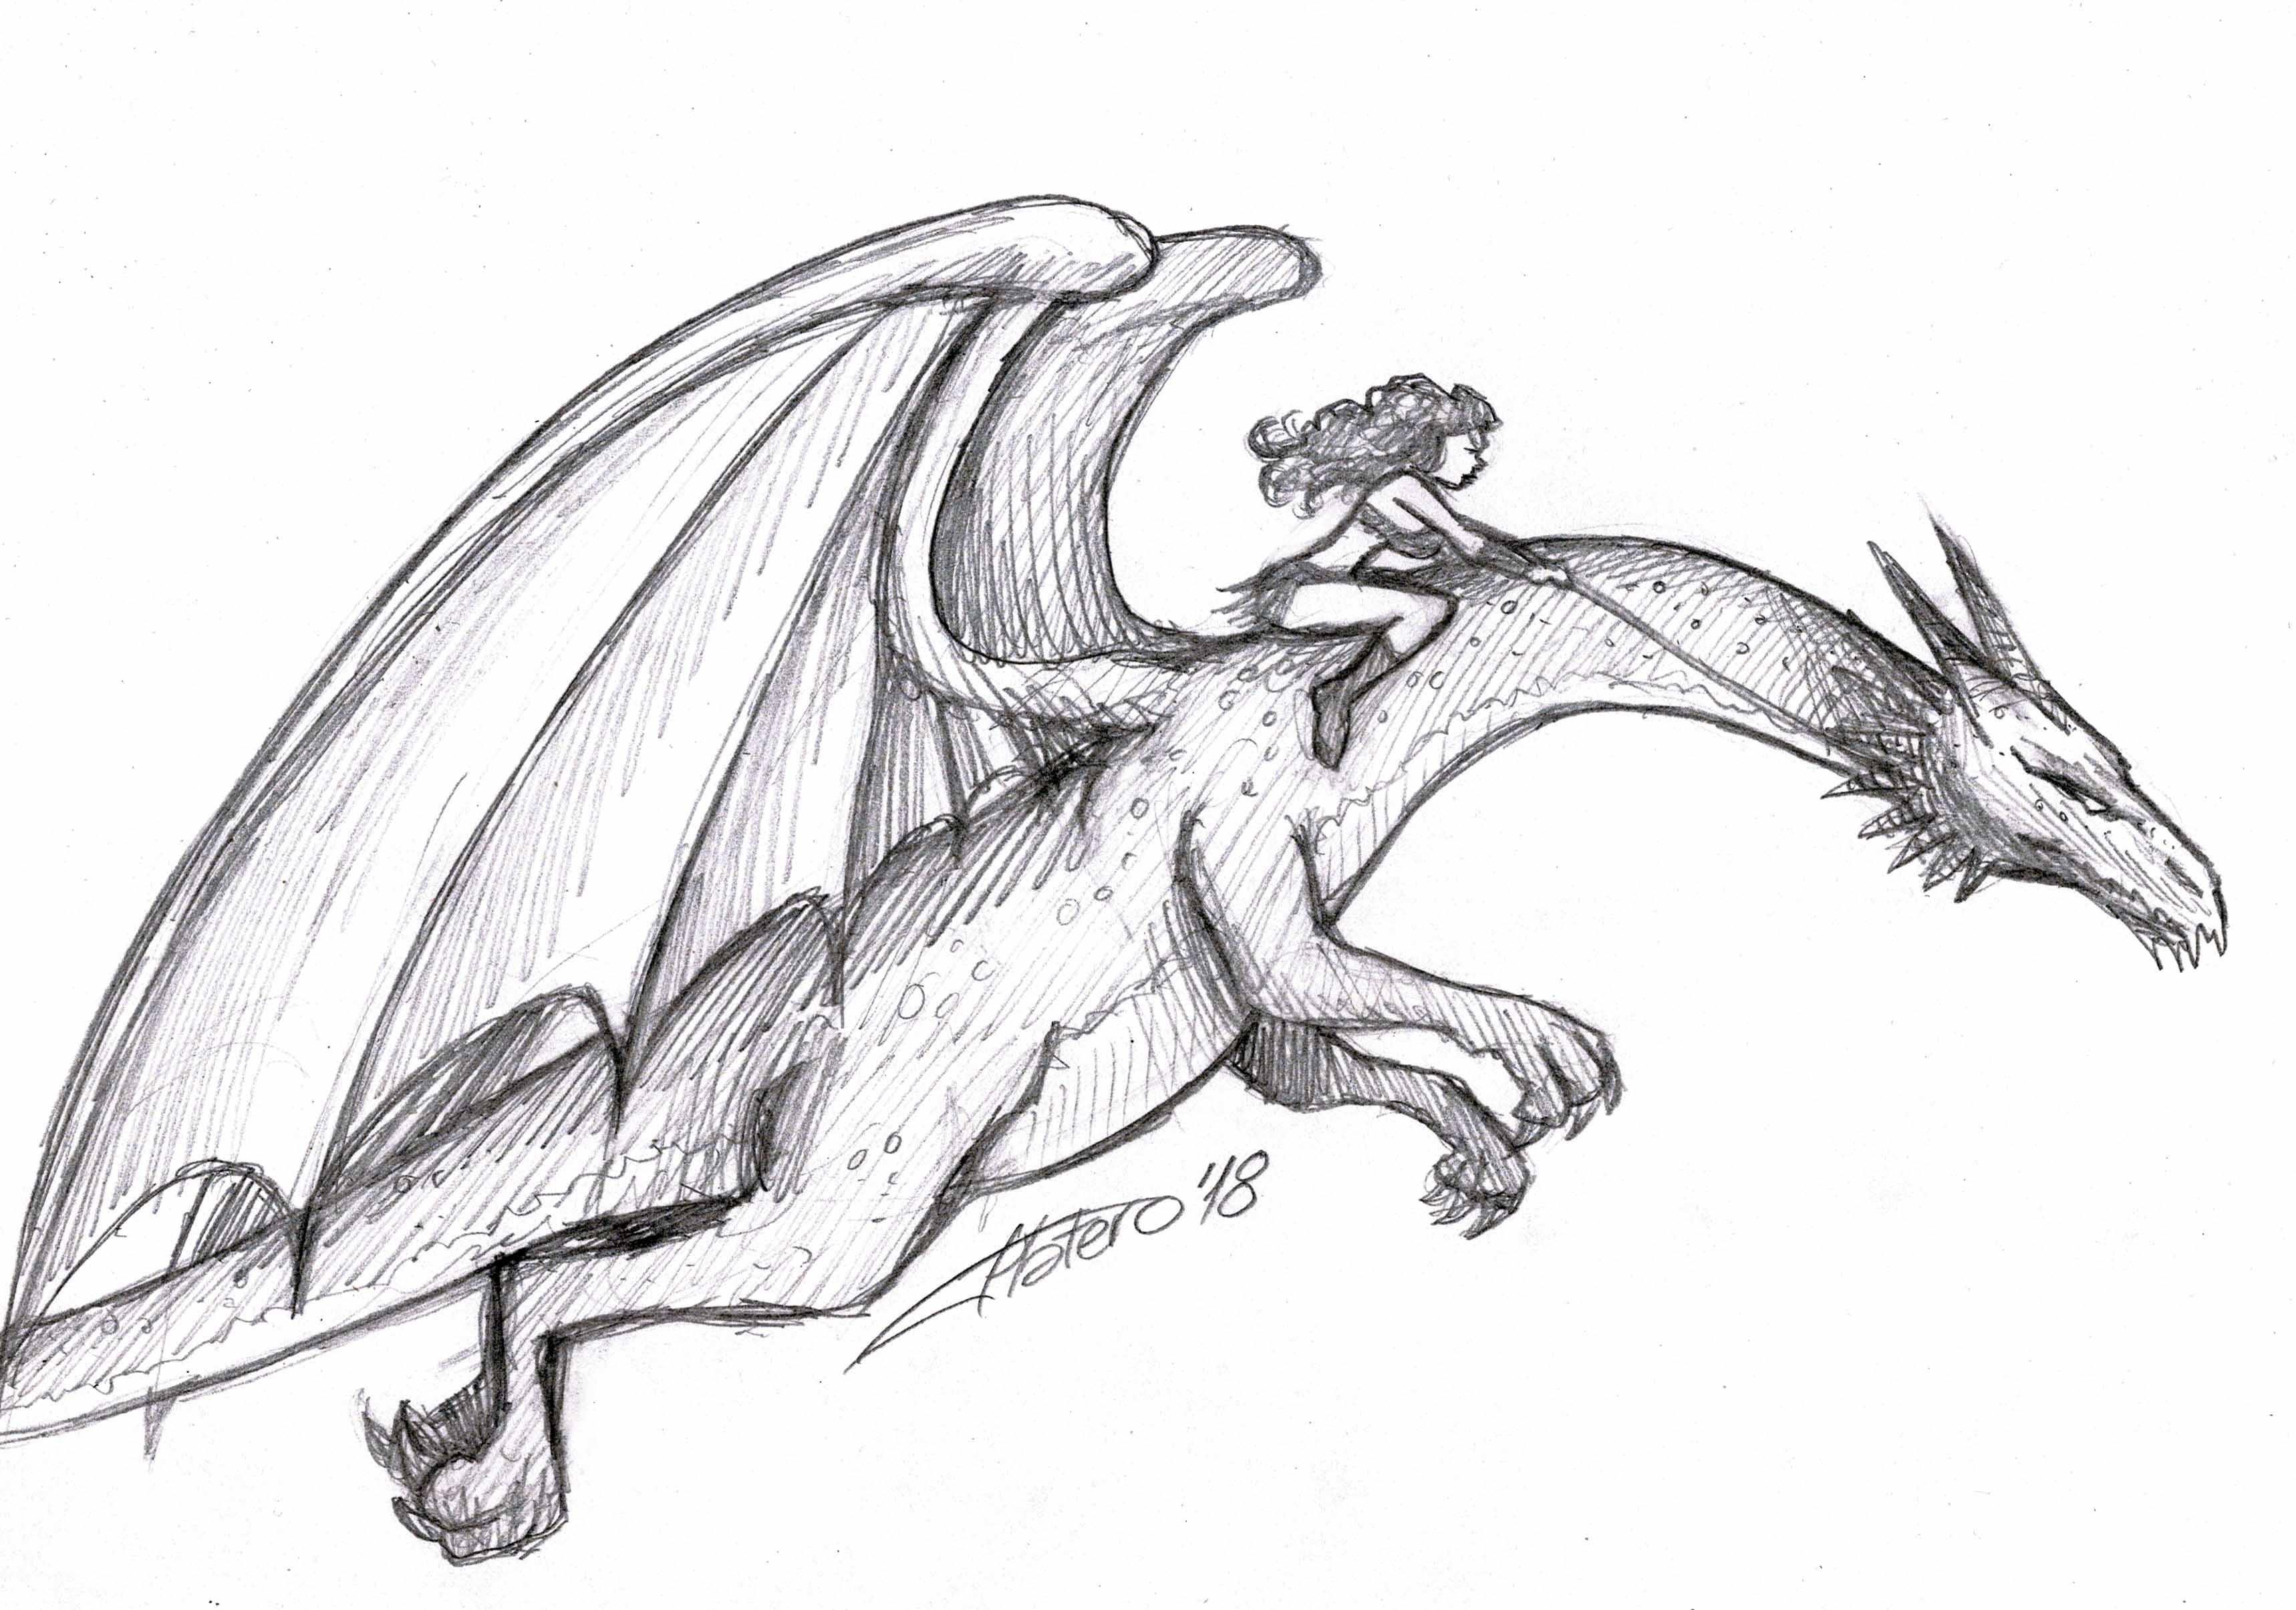 Chica sobre dragón